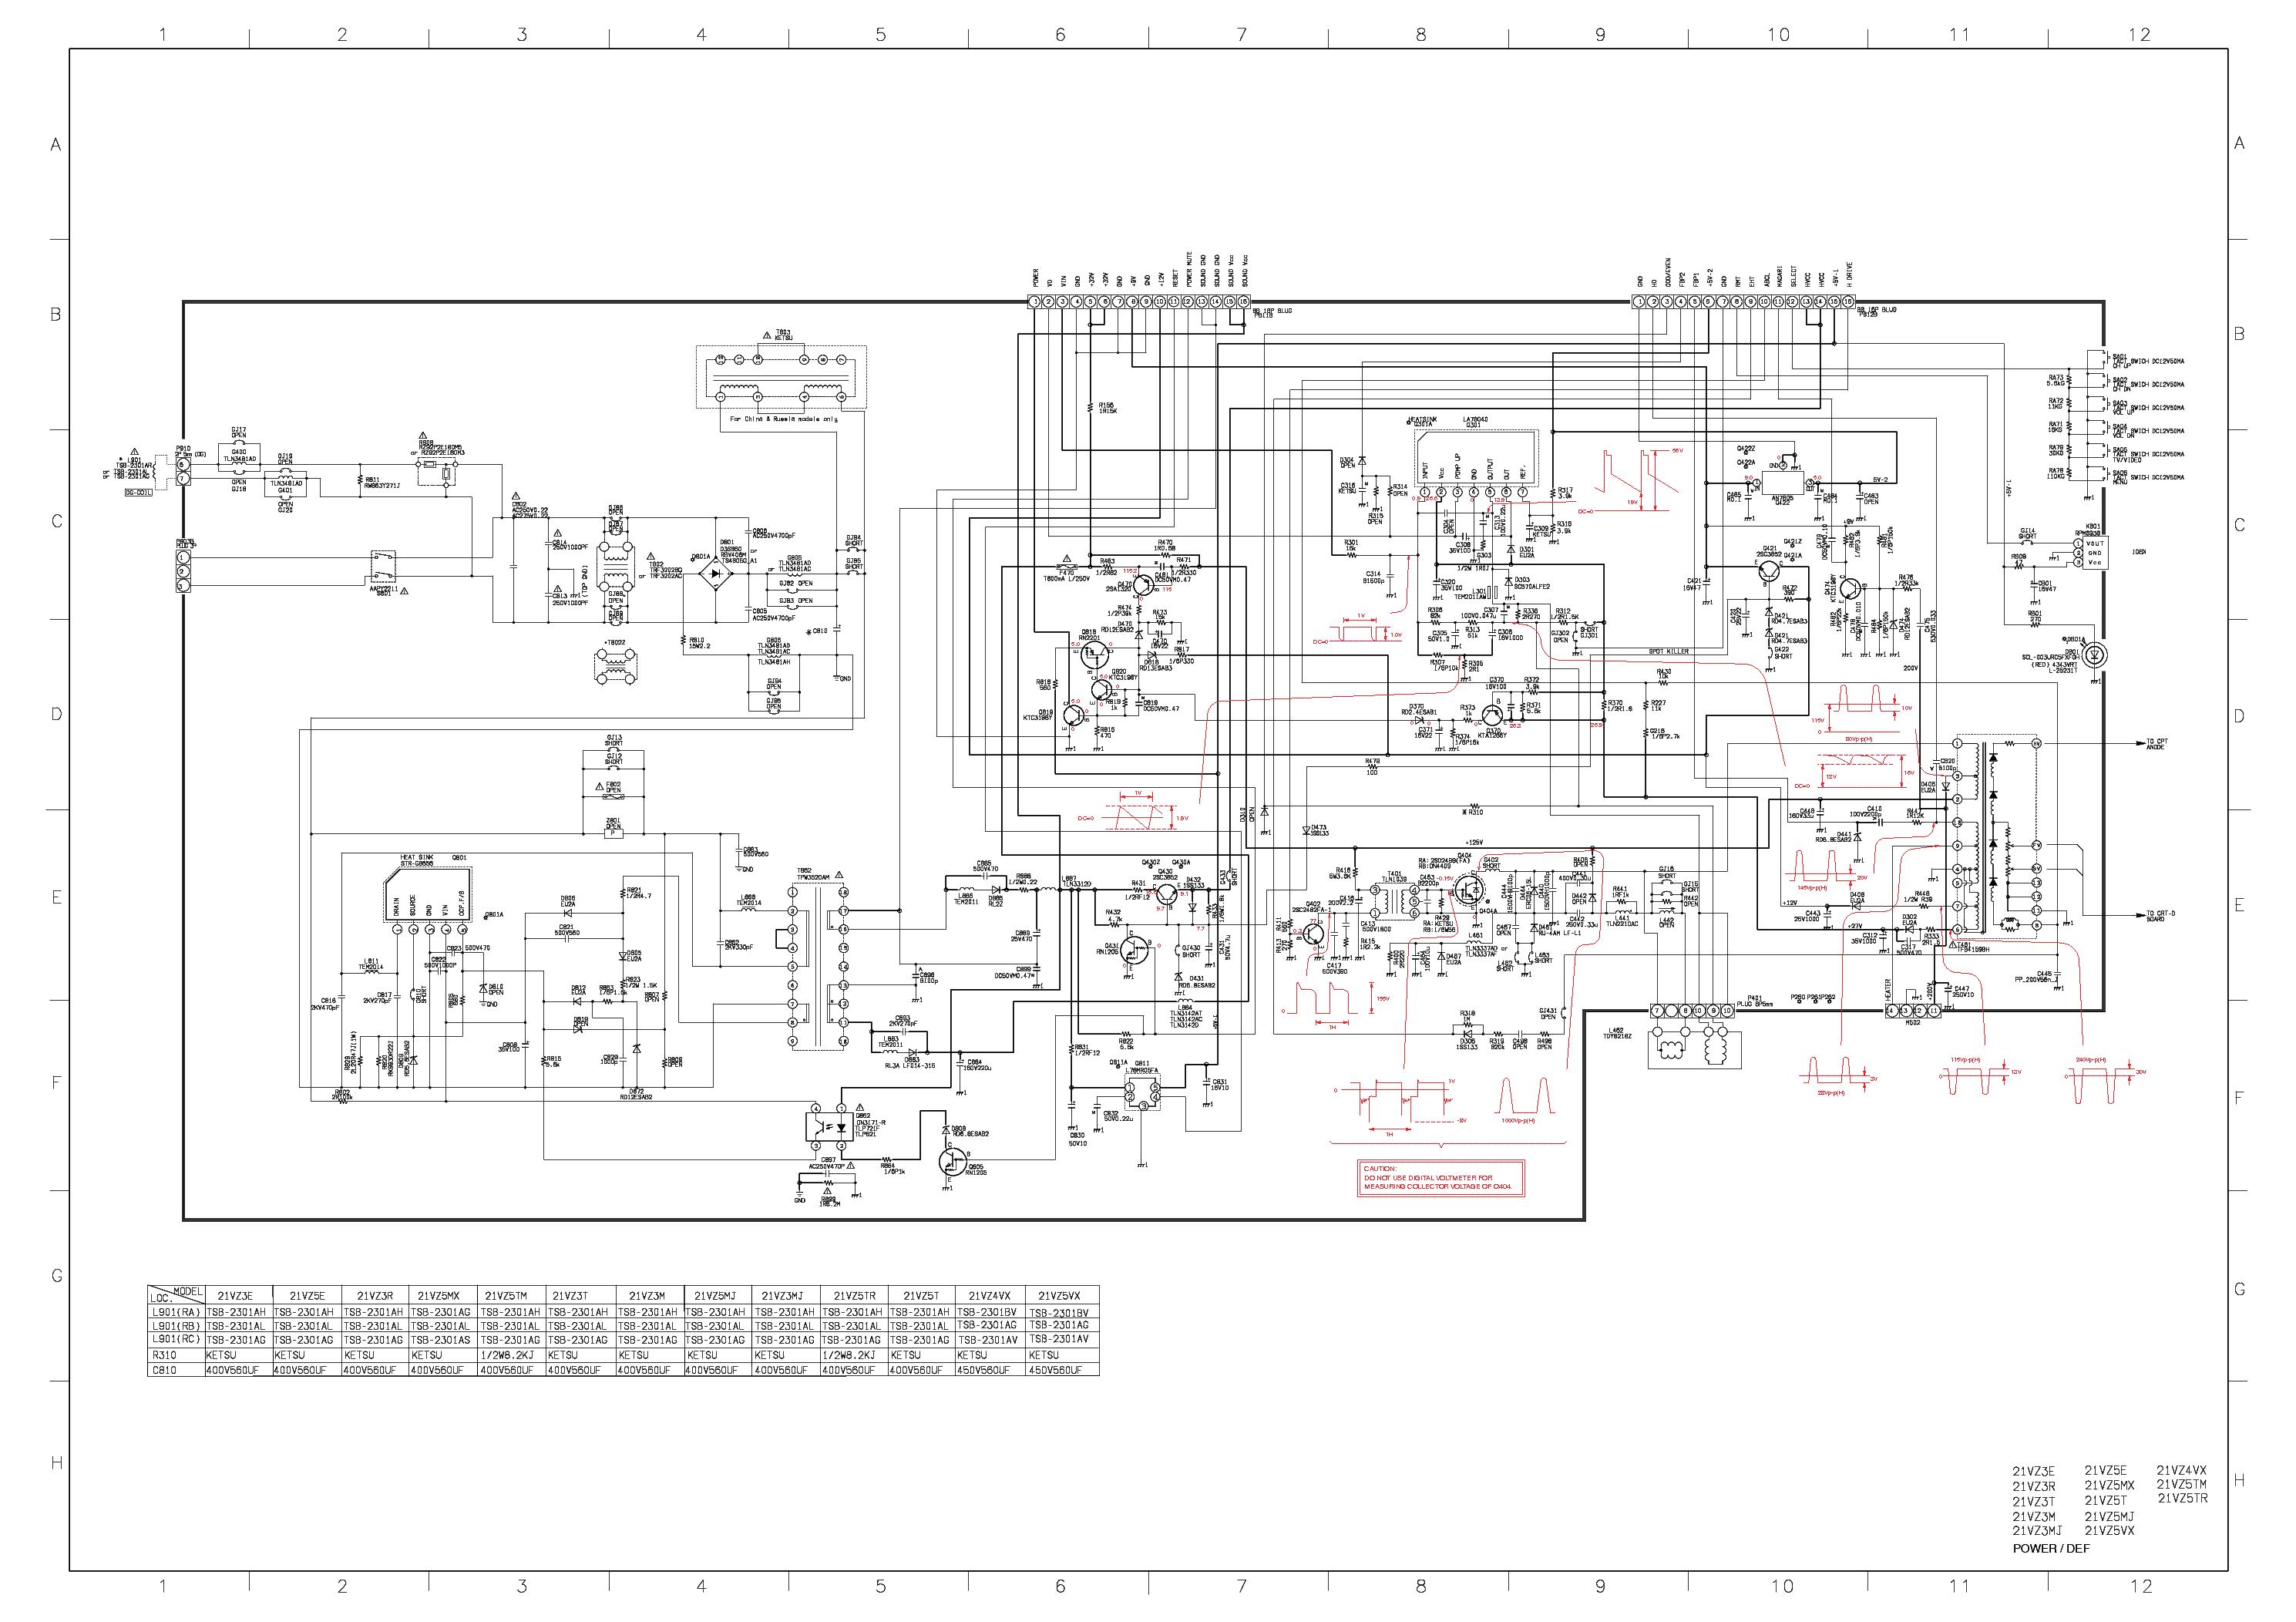 TOSHIBA 21VZ5 SCH Service Manual download, schematics